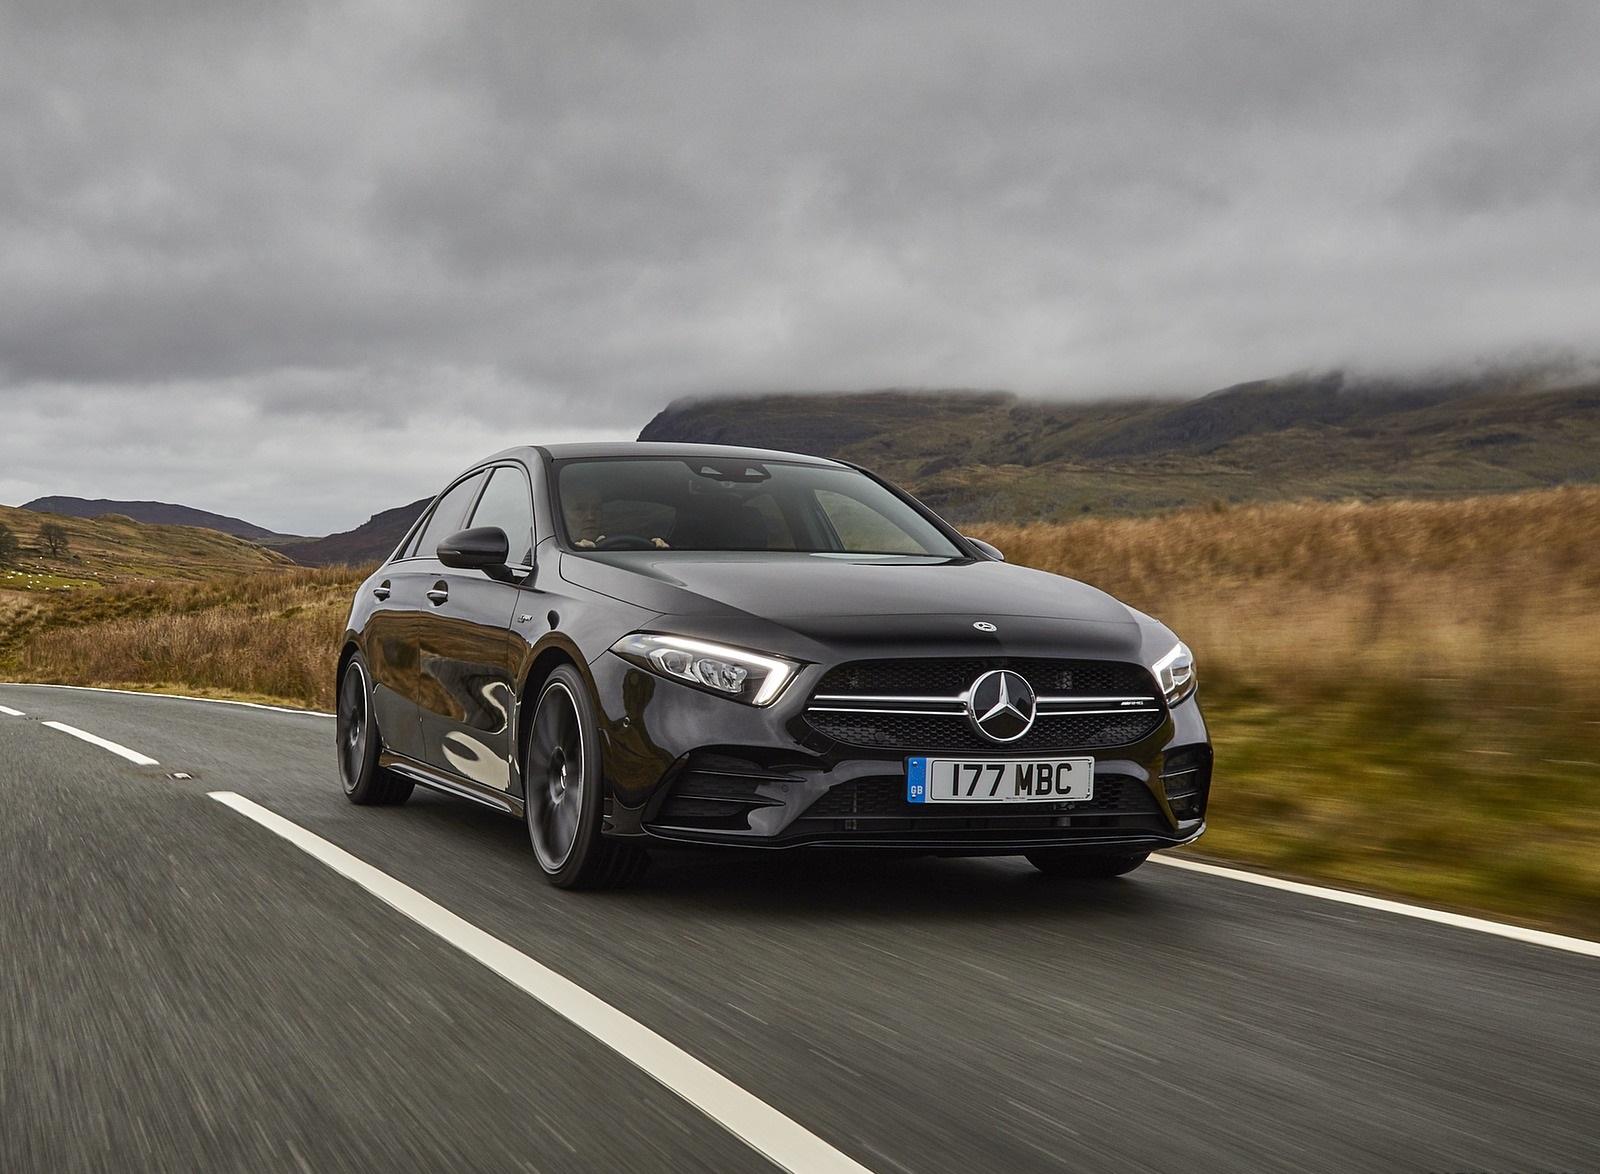 2020 Mercedes-AMG A 35 Sedan (UK-Spec) Front Three-Quarter Wallpapers (6)